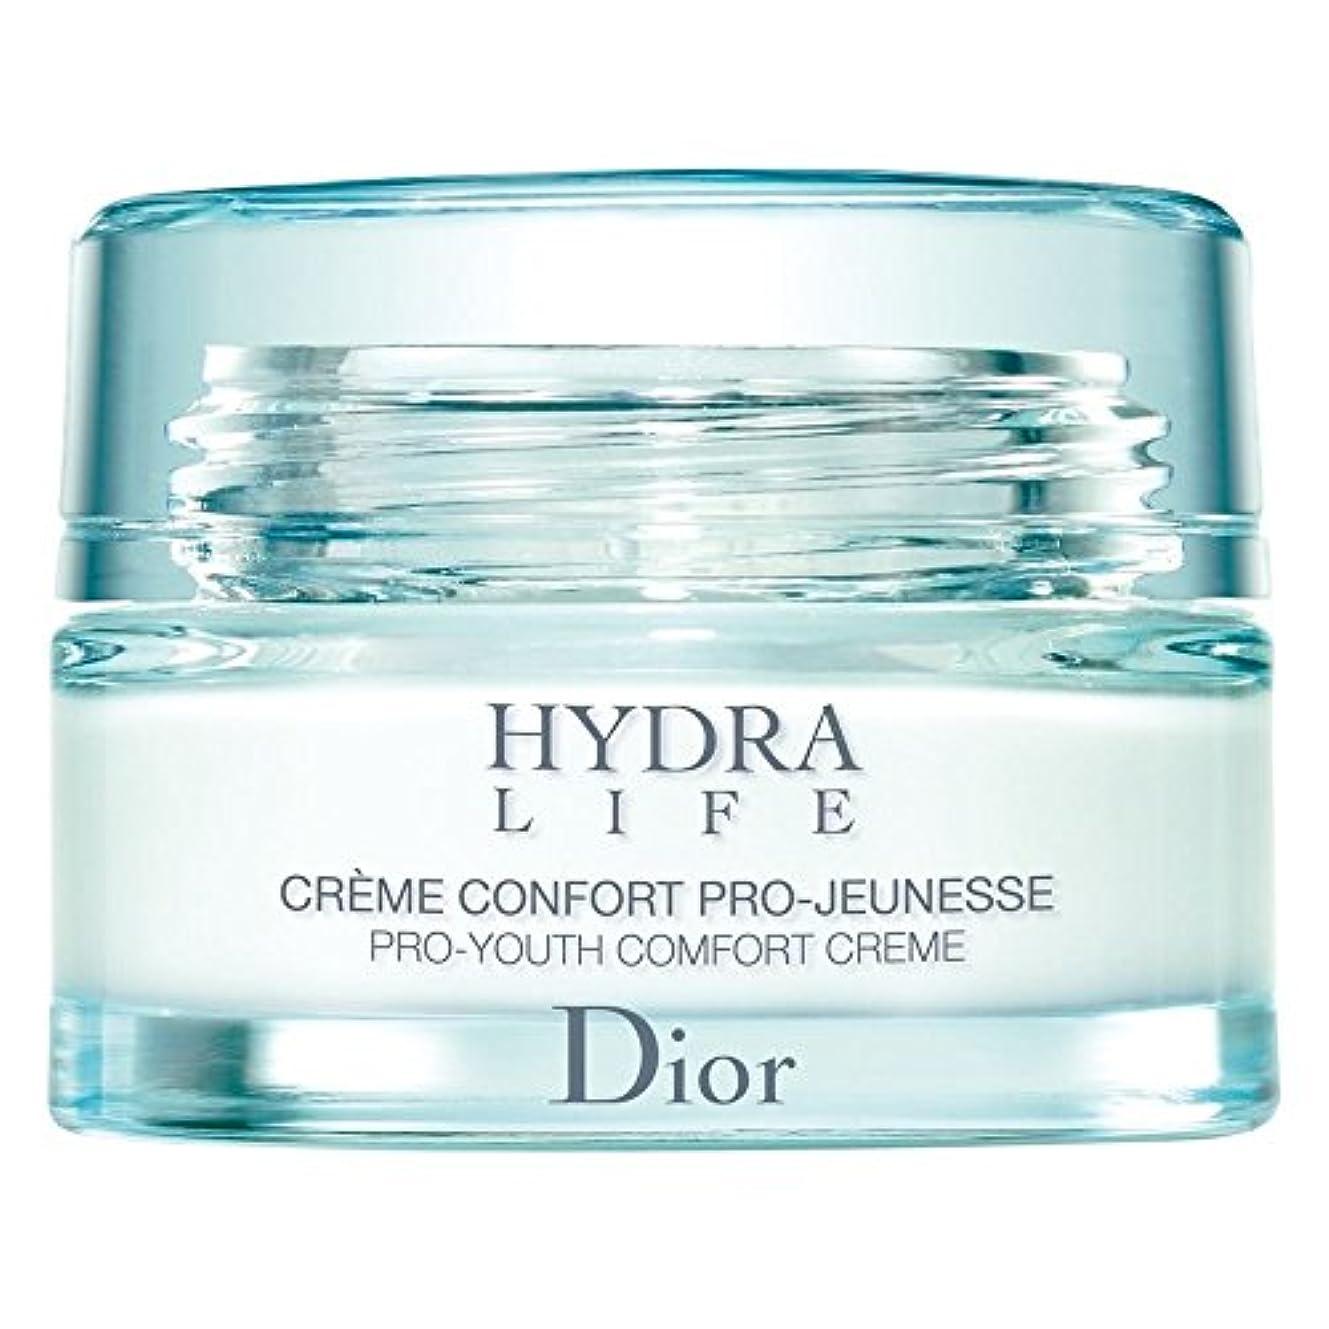 球状一貫性のないどのくらいの頻度で[Dior] ディオールヒドラライフプロユース快適クリーム、50ミリリットル - Dior Hydra Life Pro-Youth Comfort Cream, 50ml [並行輸入品]